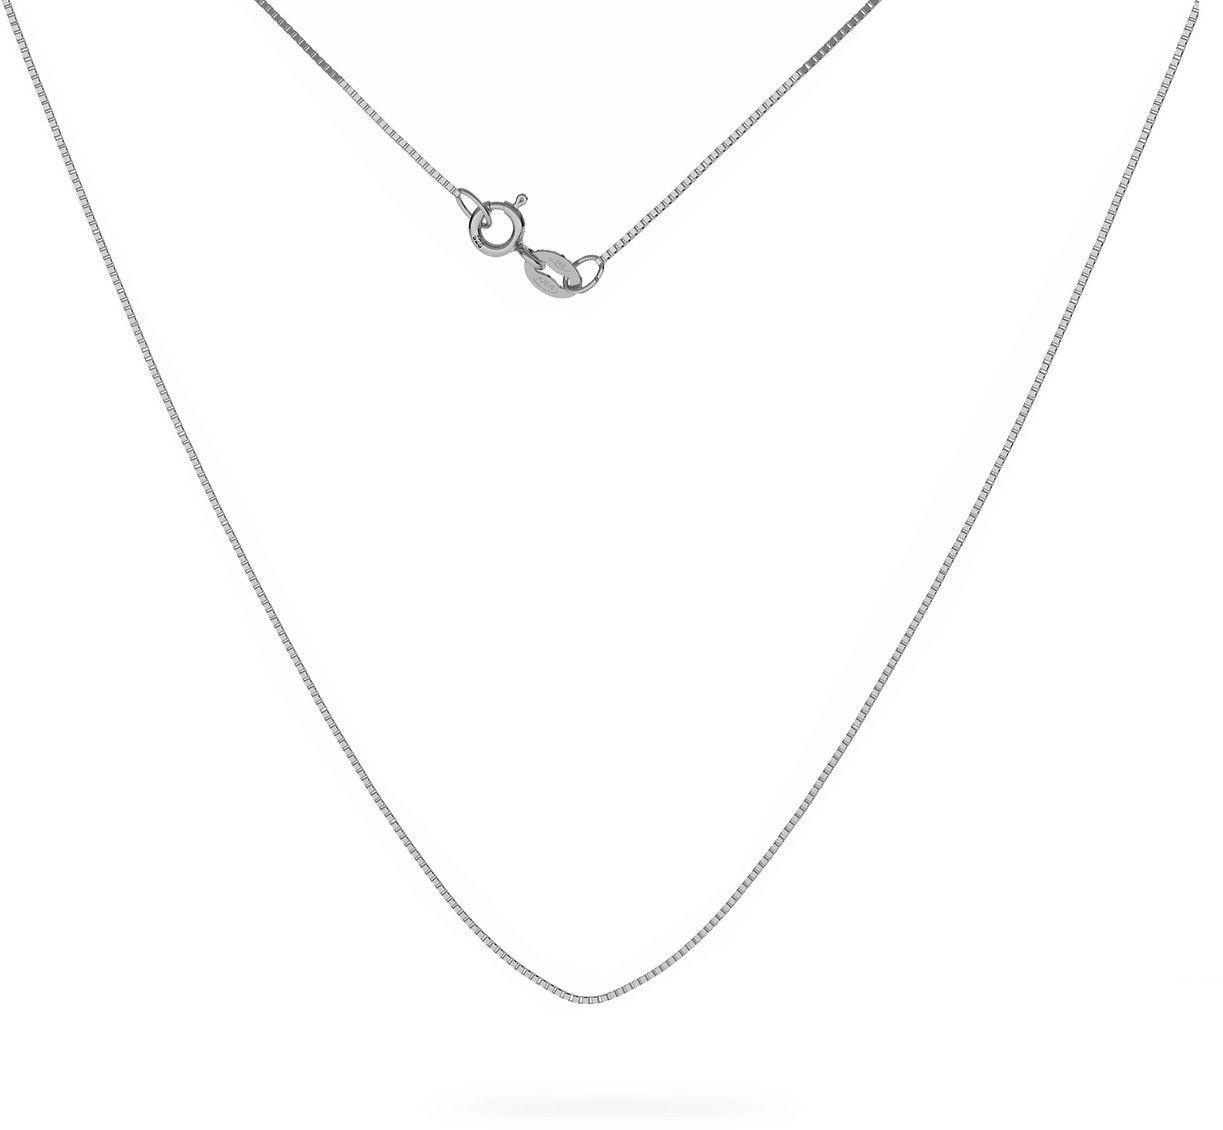 Srebrny łańcuszek kostka diamentowana, srebro 925 : Długość (cm) - 45, Srebro - kolor pokrycia - Pokrycie platyną